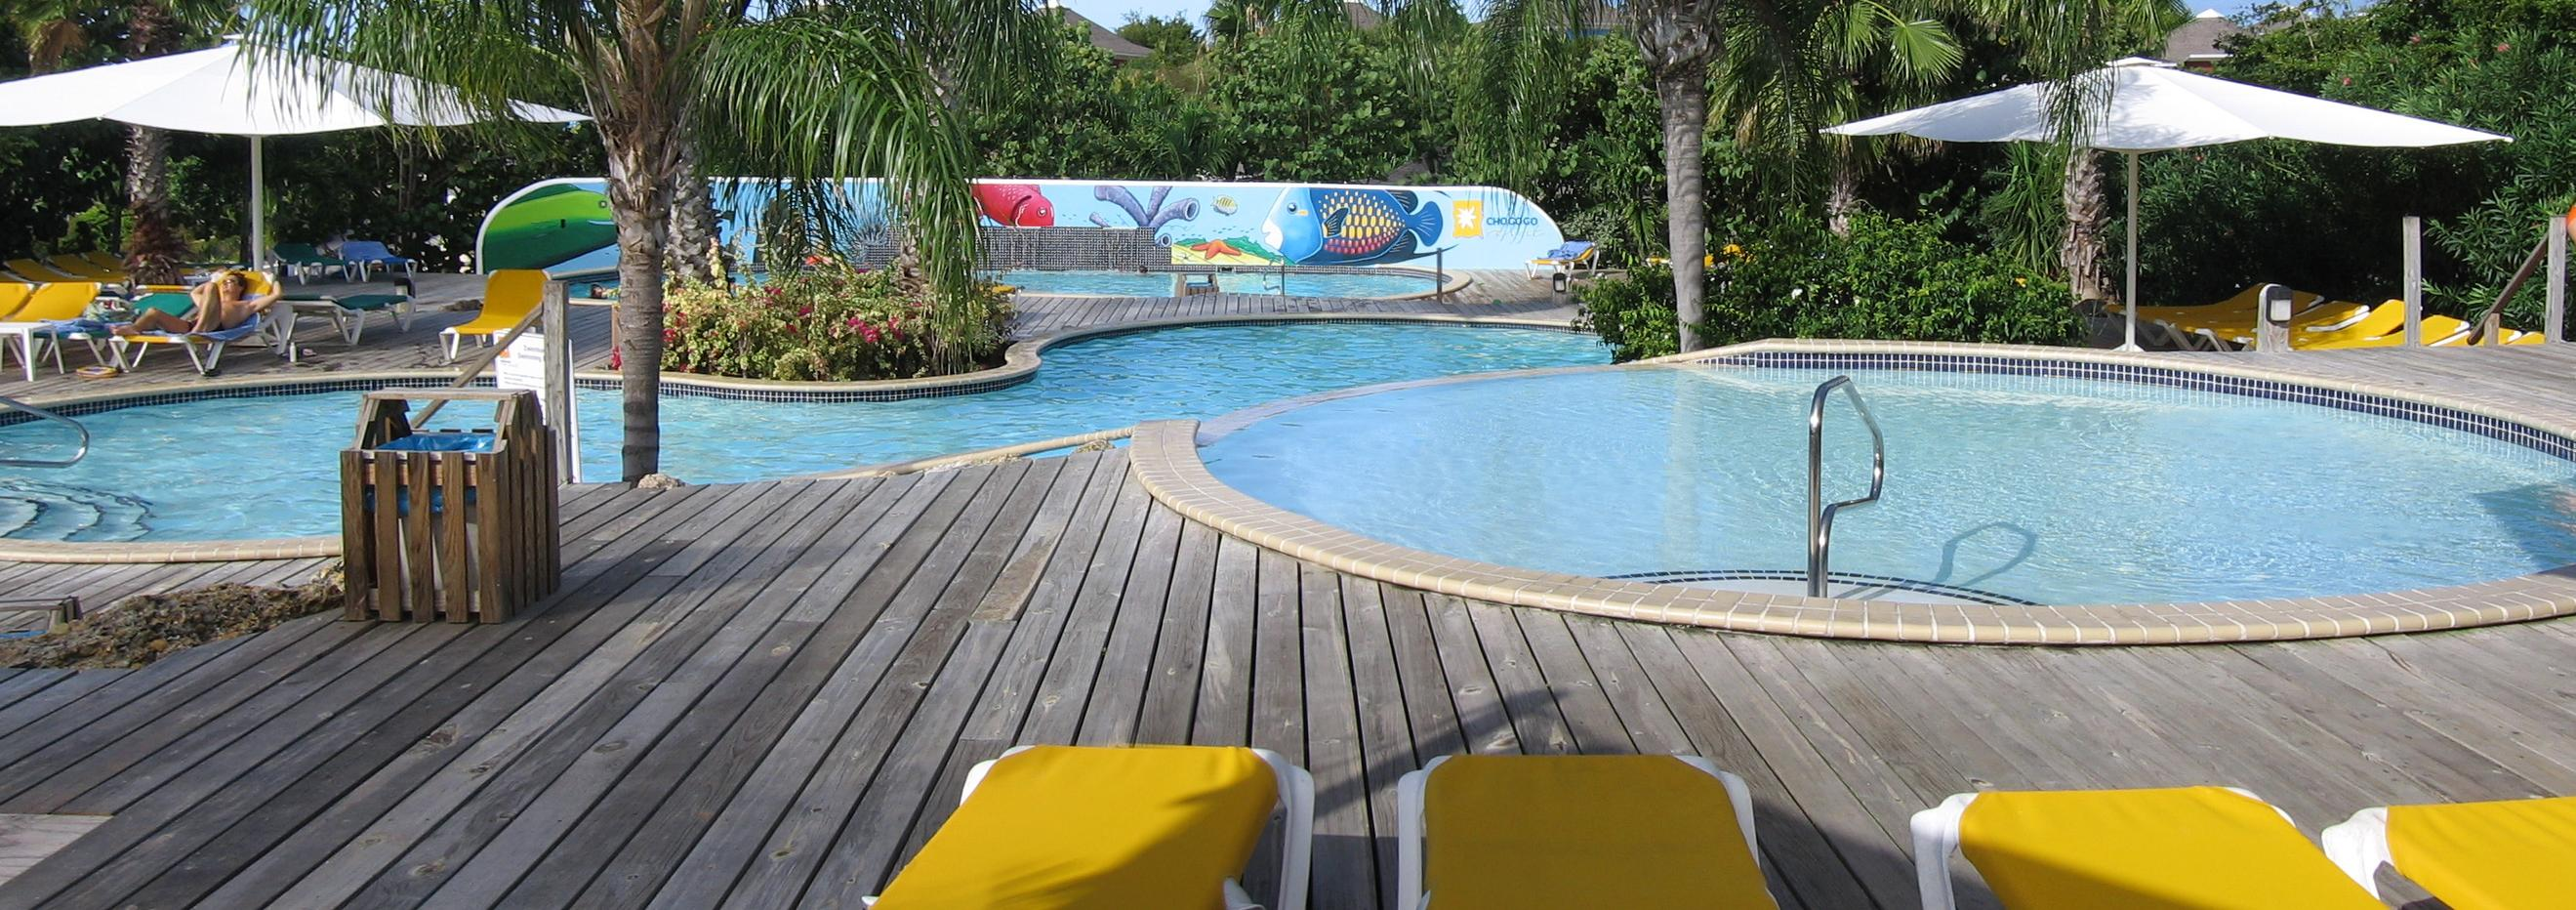 Deck em piscinas